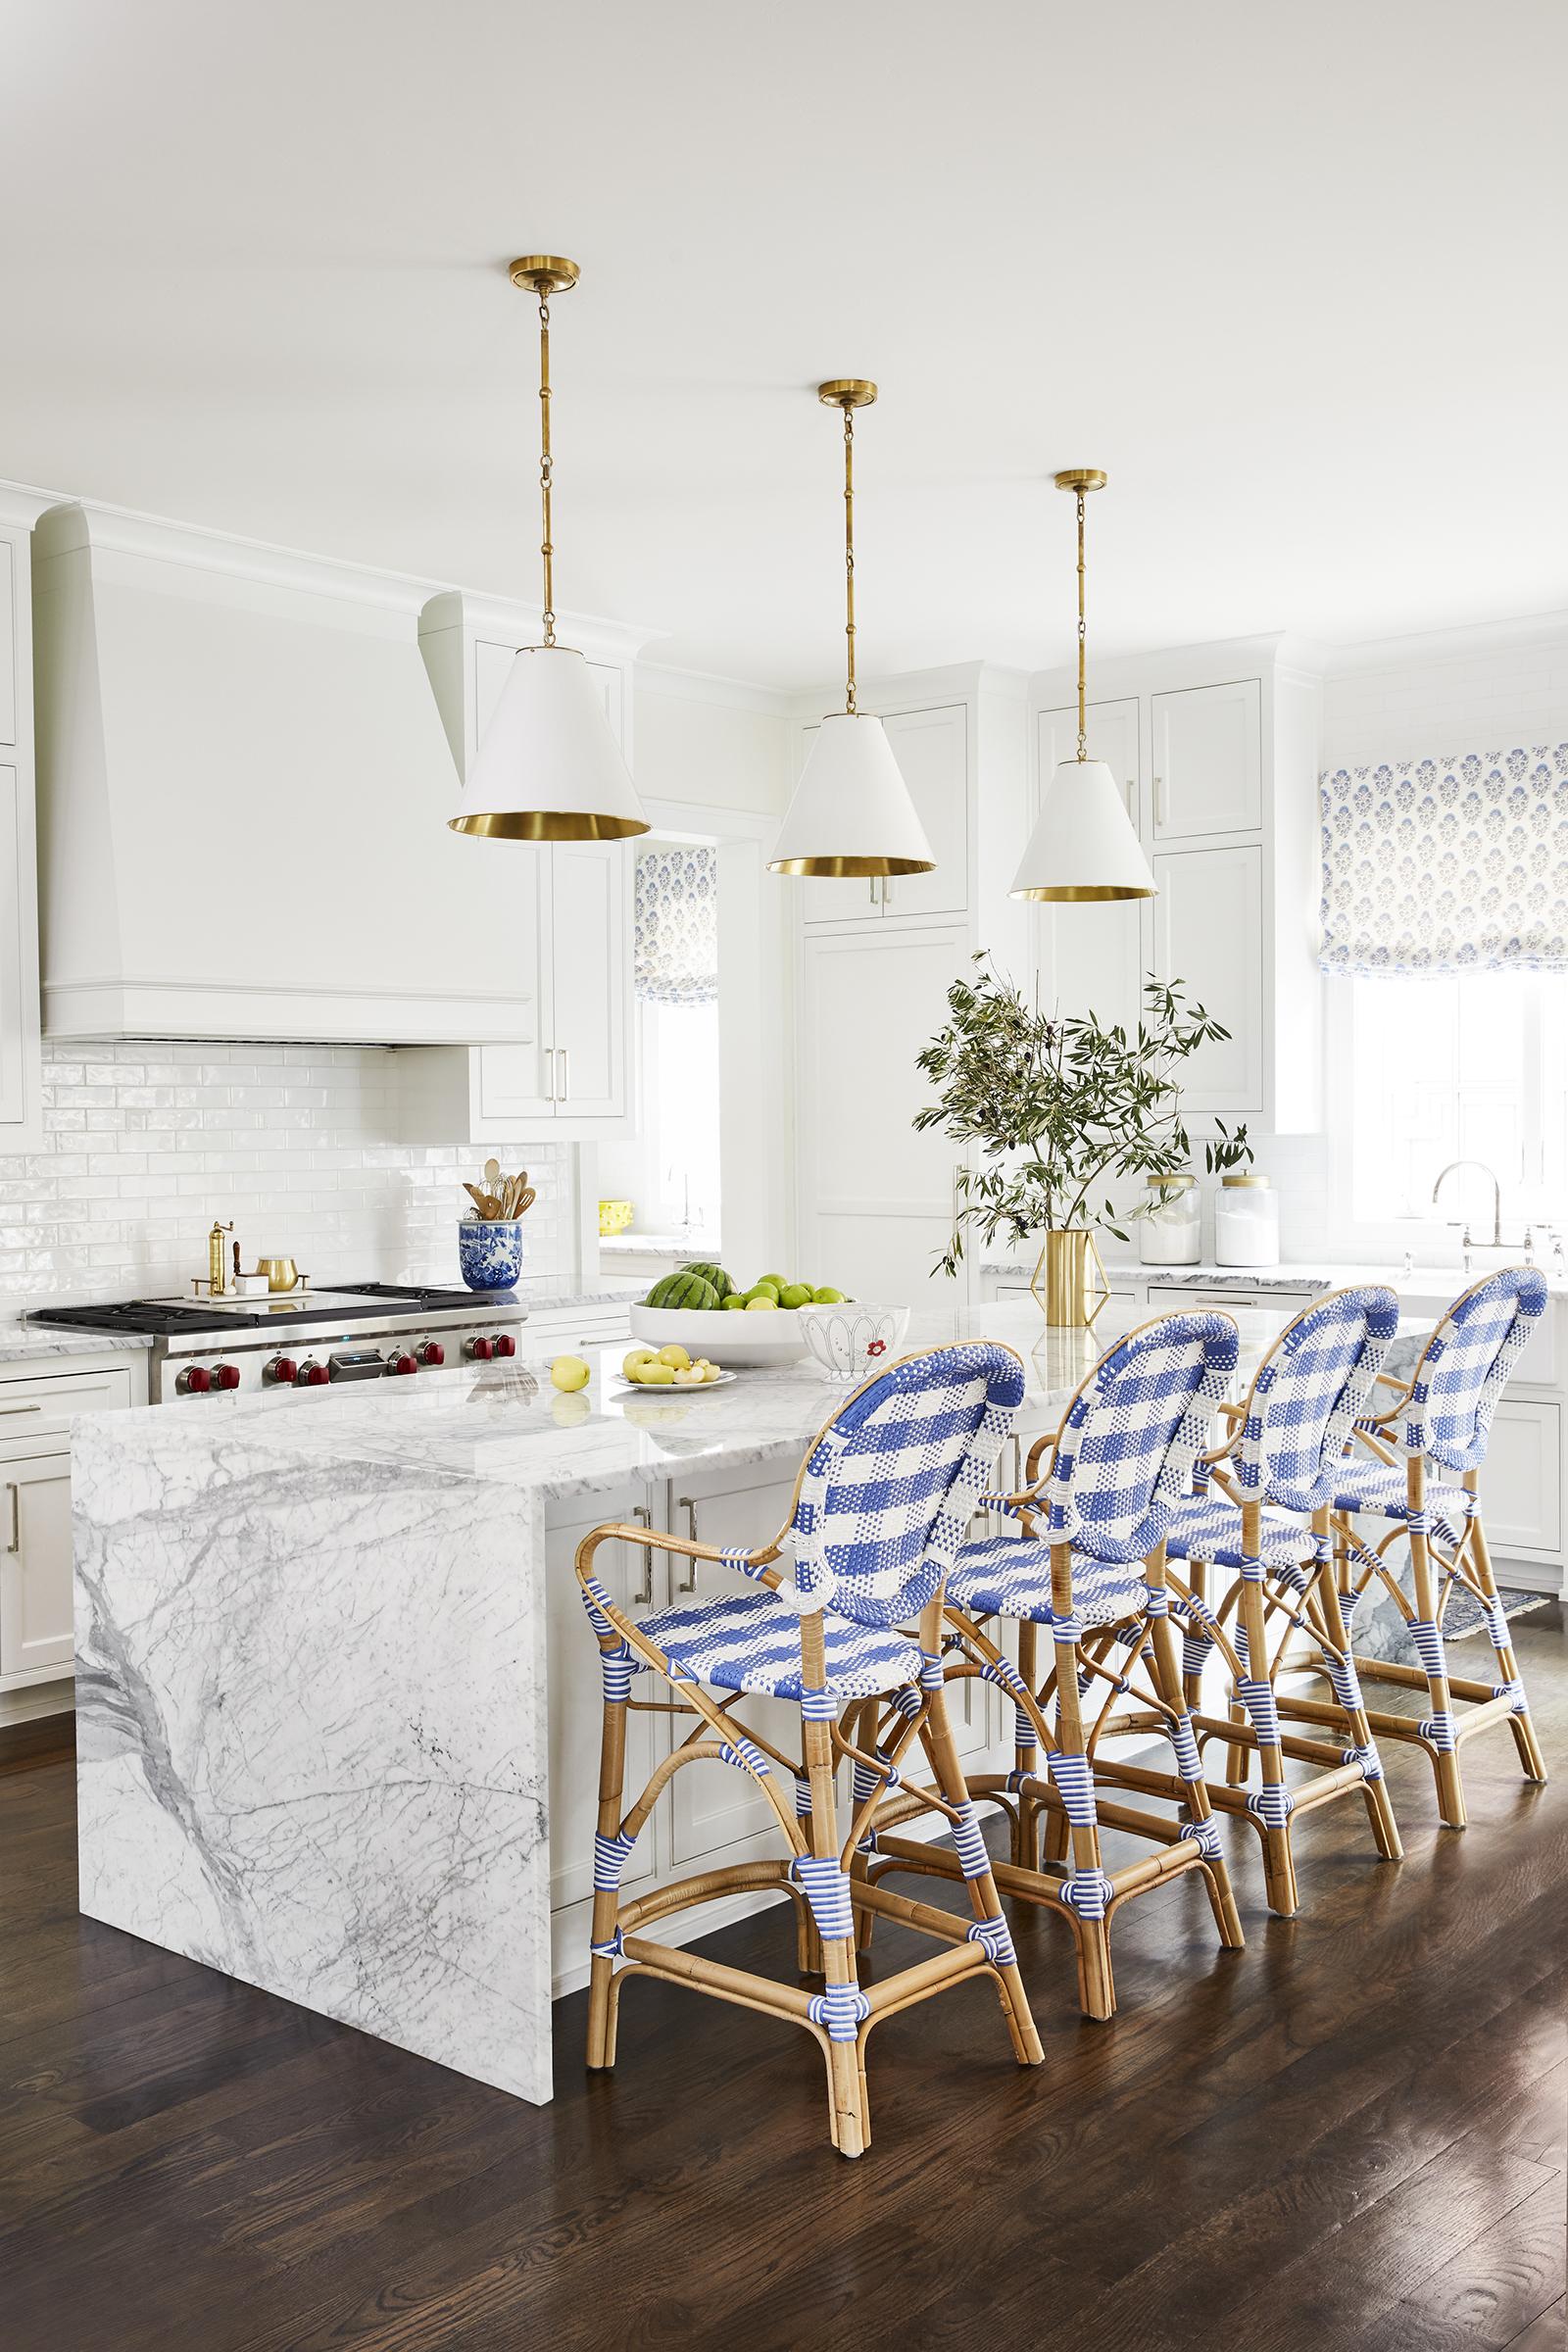 Beach Pretty House Style-Caitlin Wilson Designs 2.jpg